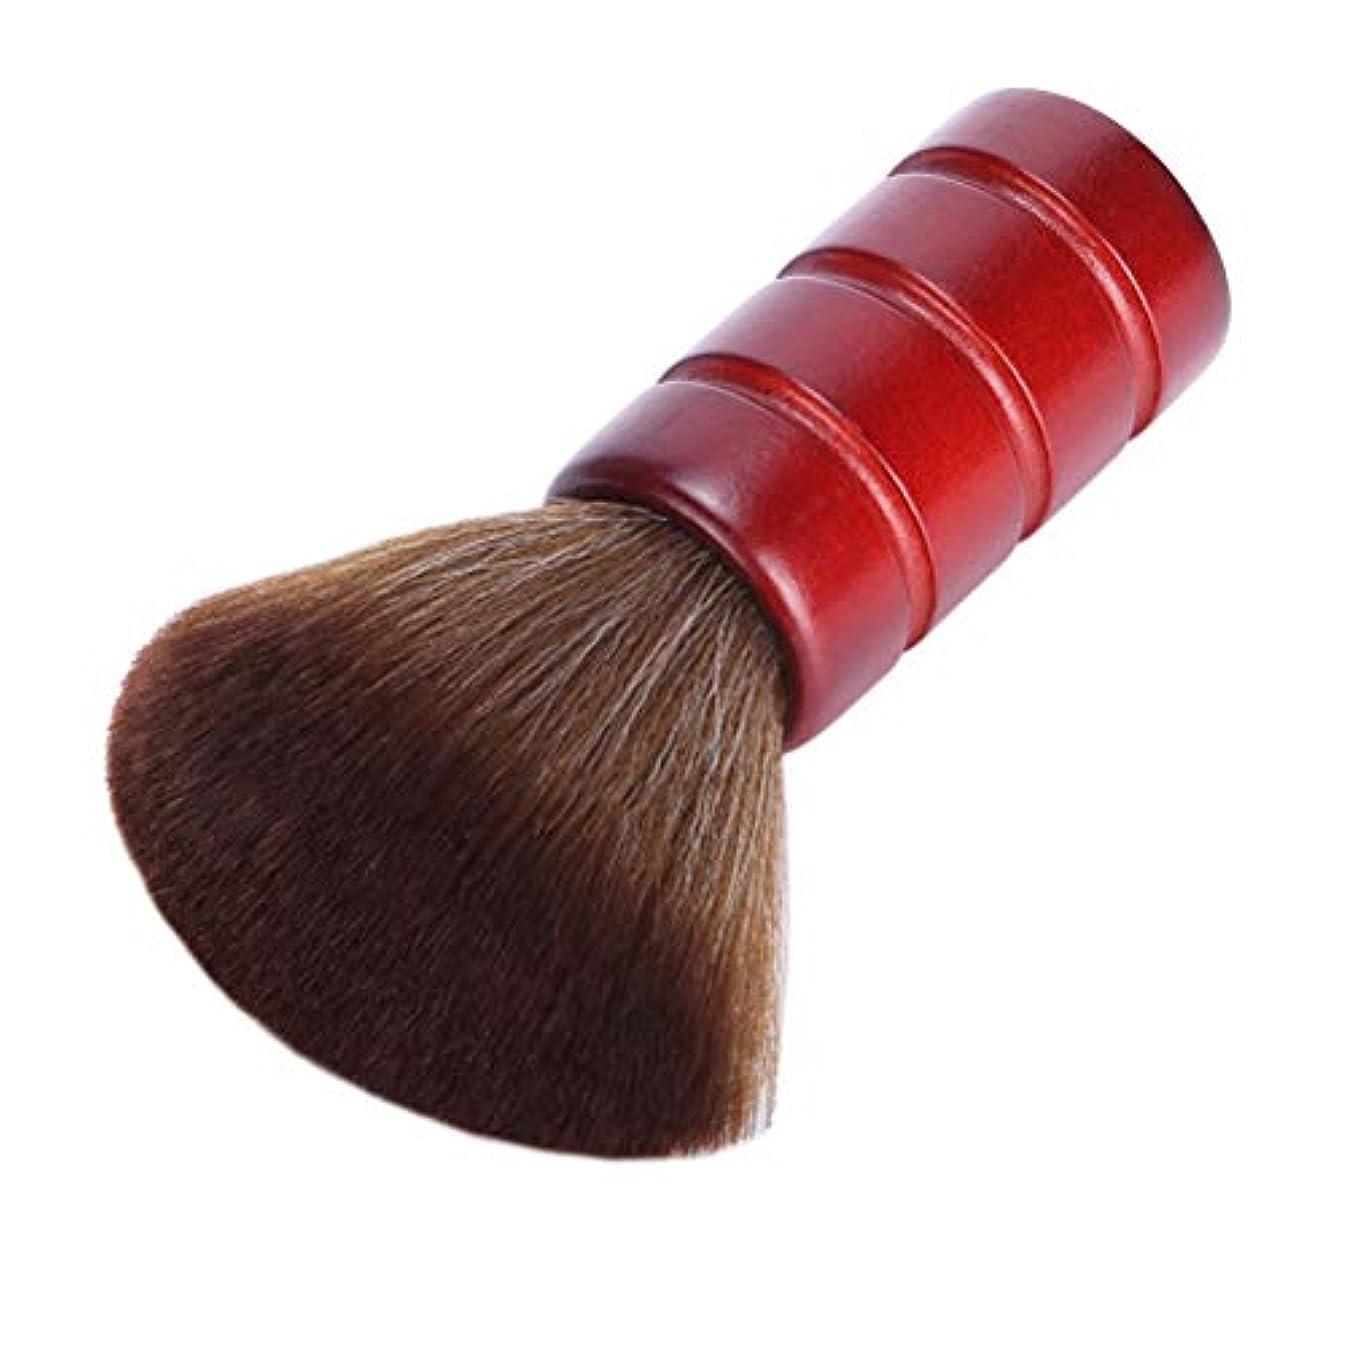 尾気分が良いイベントLurroseプロフェッショナルヘアカットブラシソフトファイバーフェイスネックダスターブラシ理髪サロン理容ツール